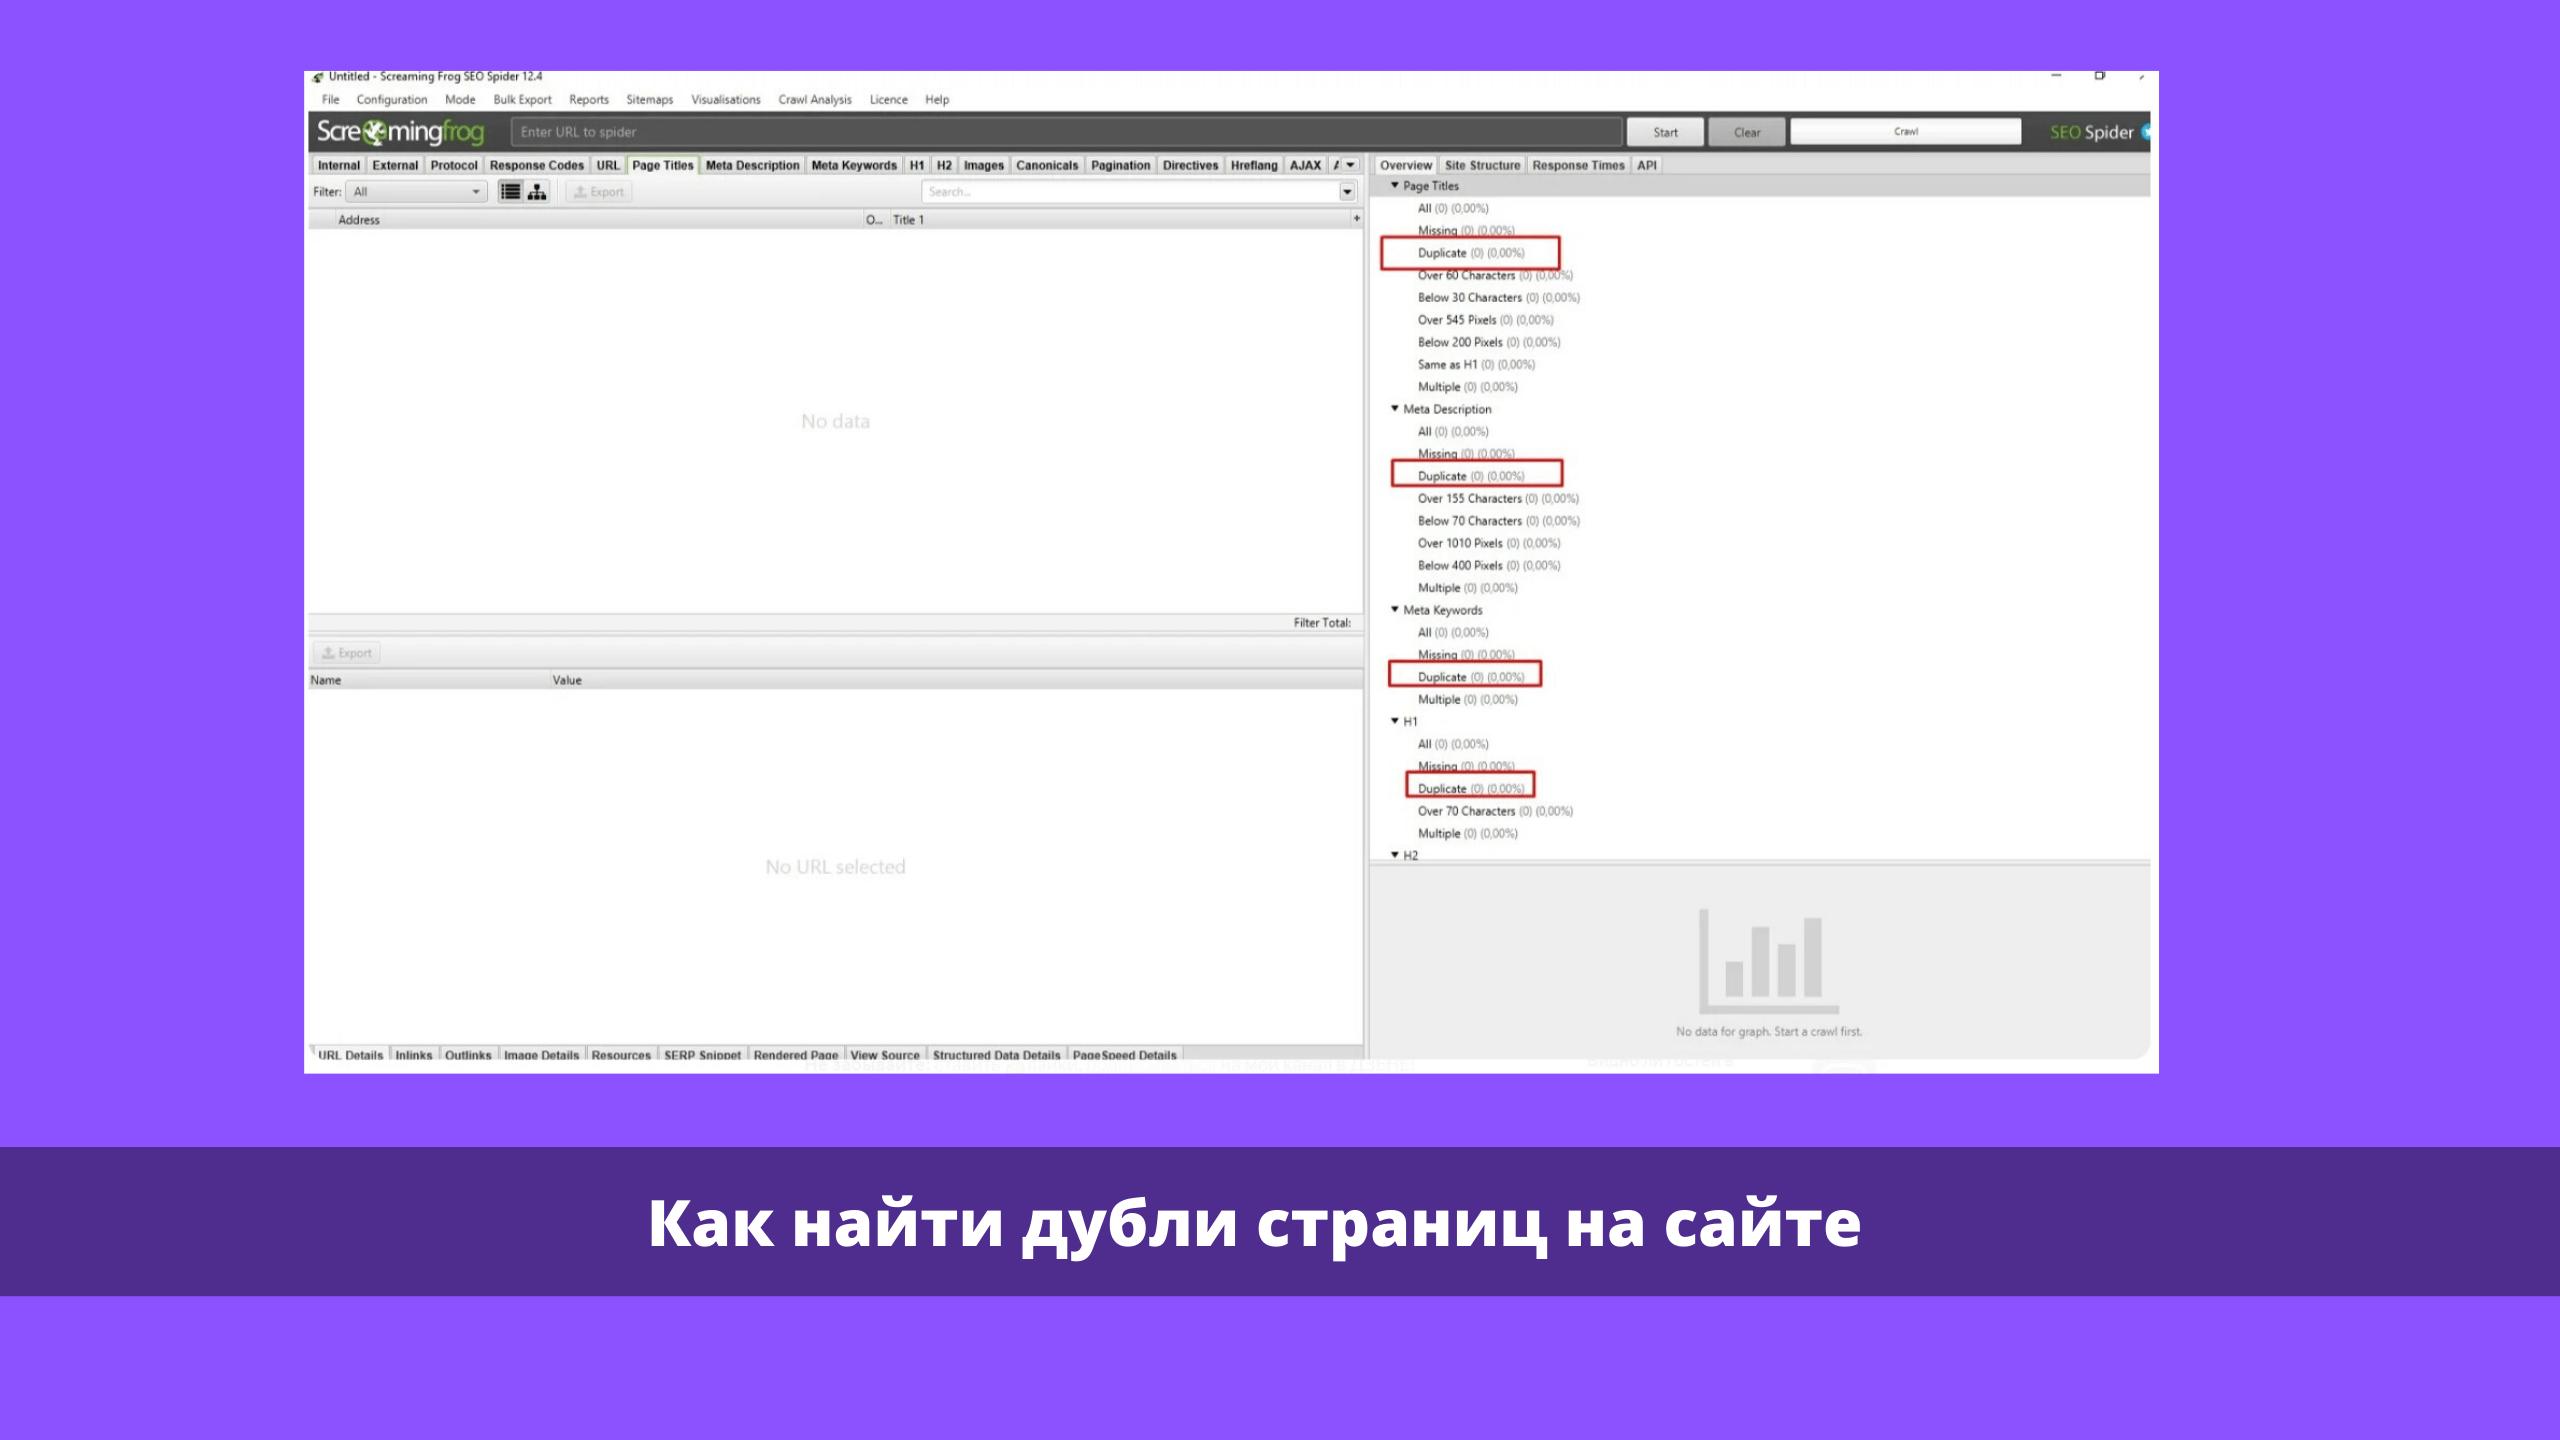 Дубли страниц на сайте: как определить и удалить дубли страниц